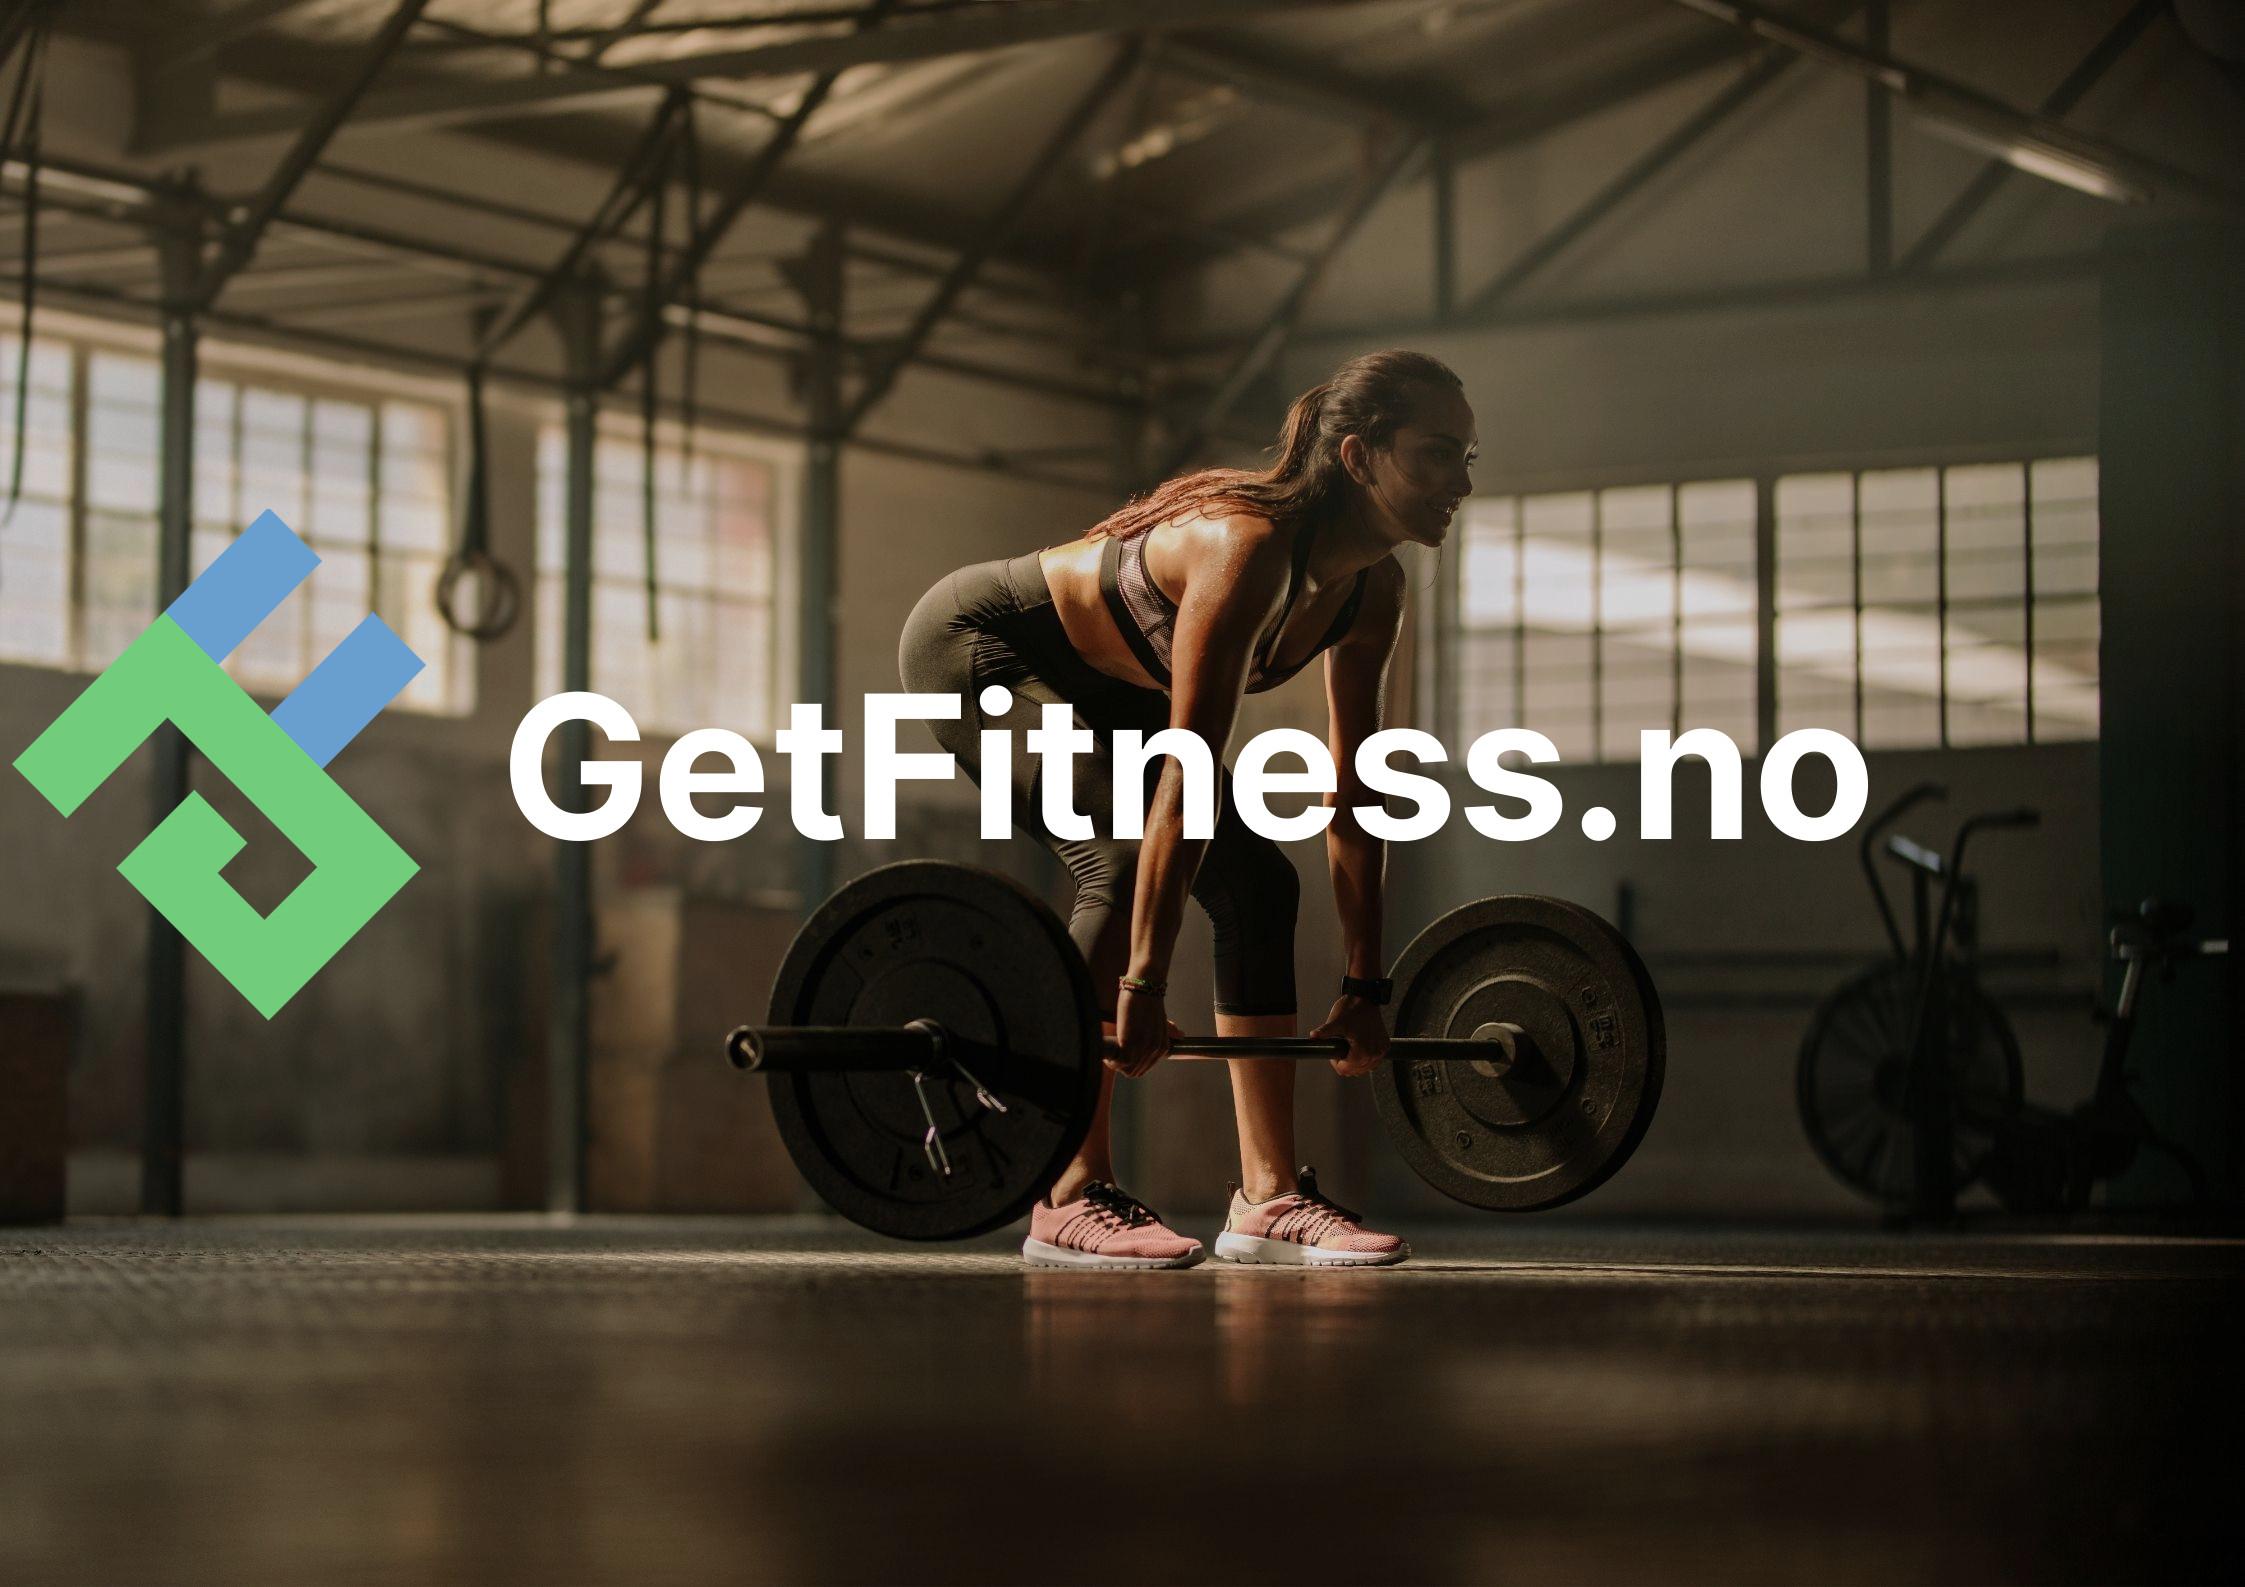 GetFitness.no